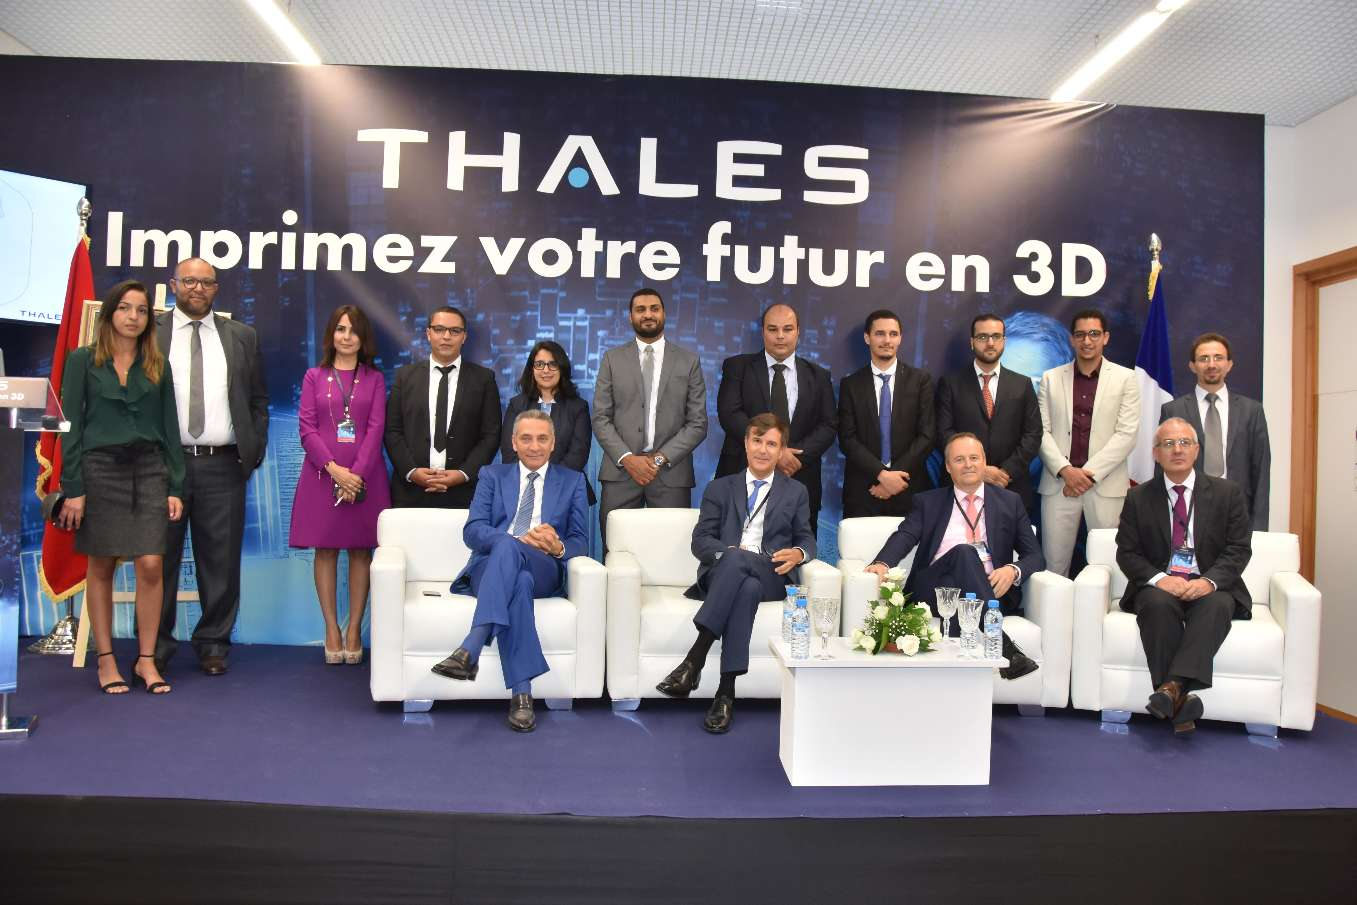 Thales inaugure son usine 3D au Maroc